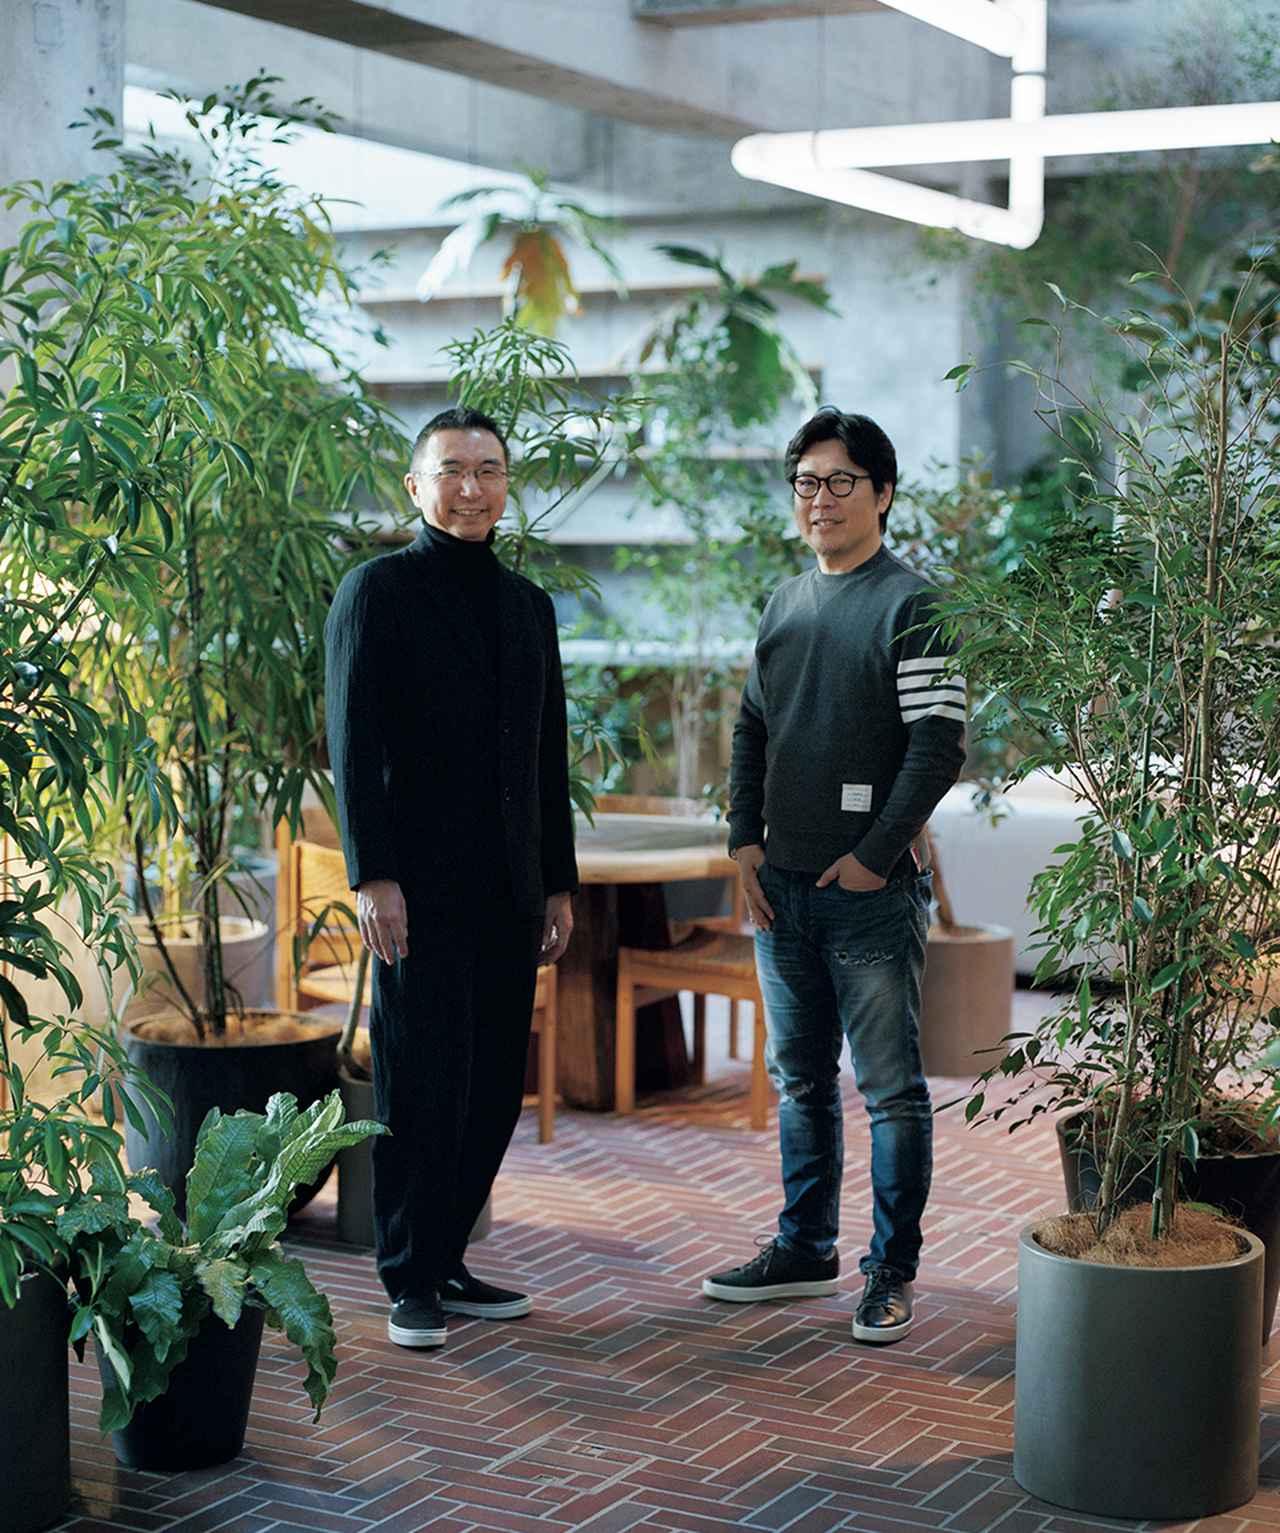 Images : 建築家の藤本壮介と「JINS」創業者の田中 仁